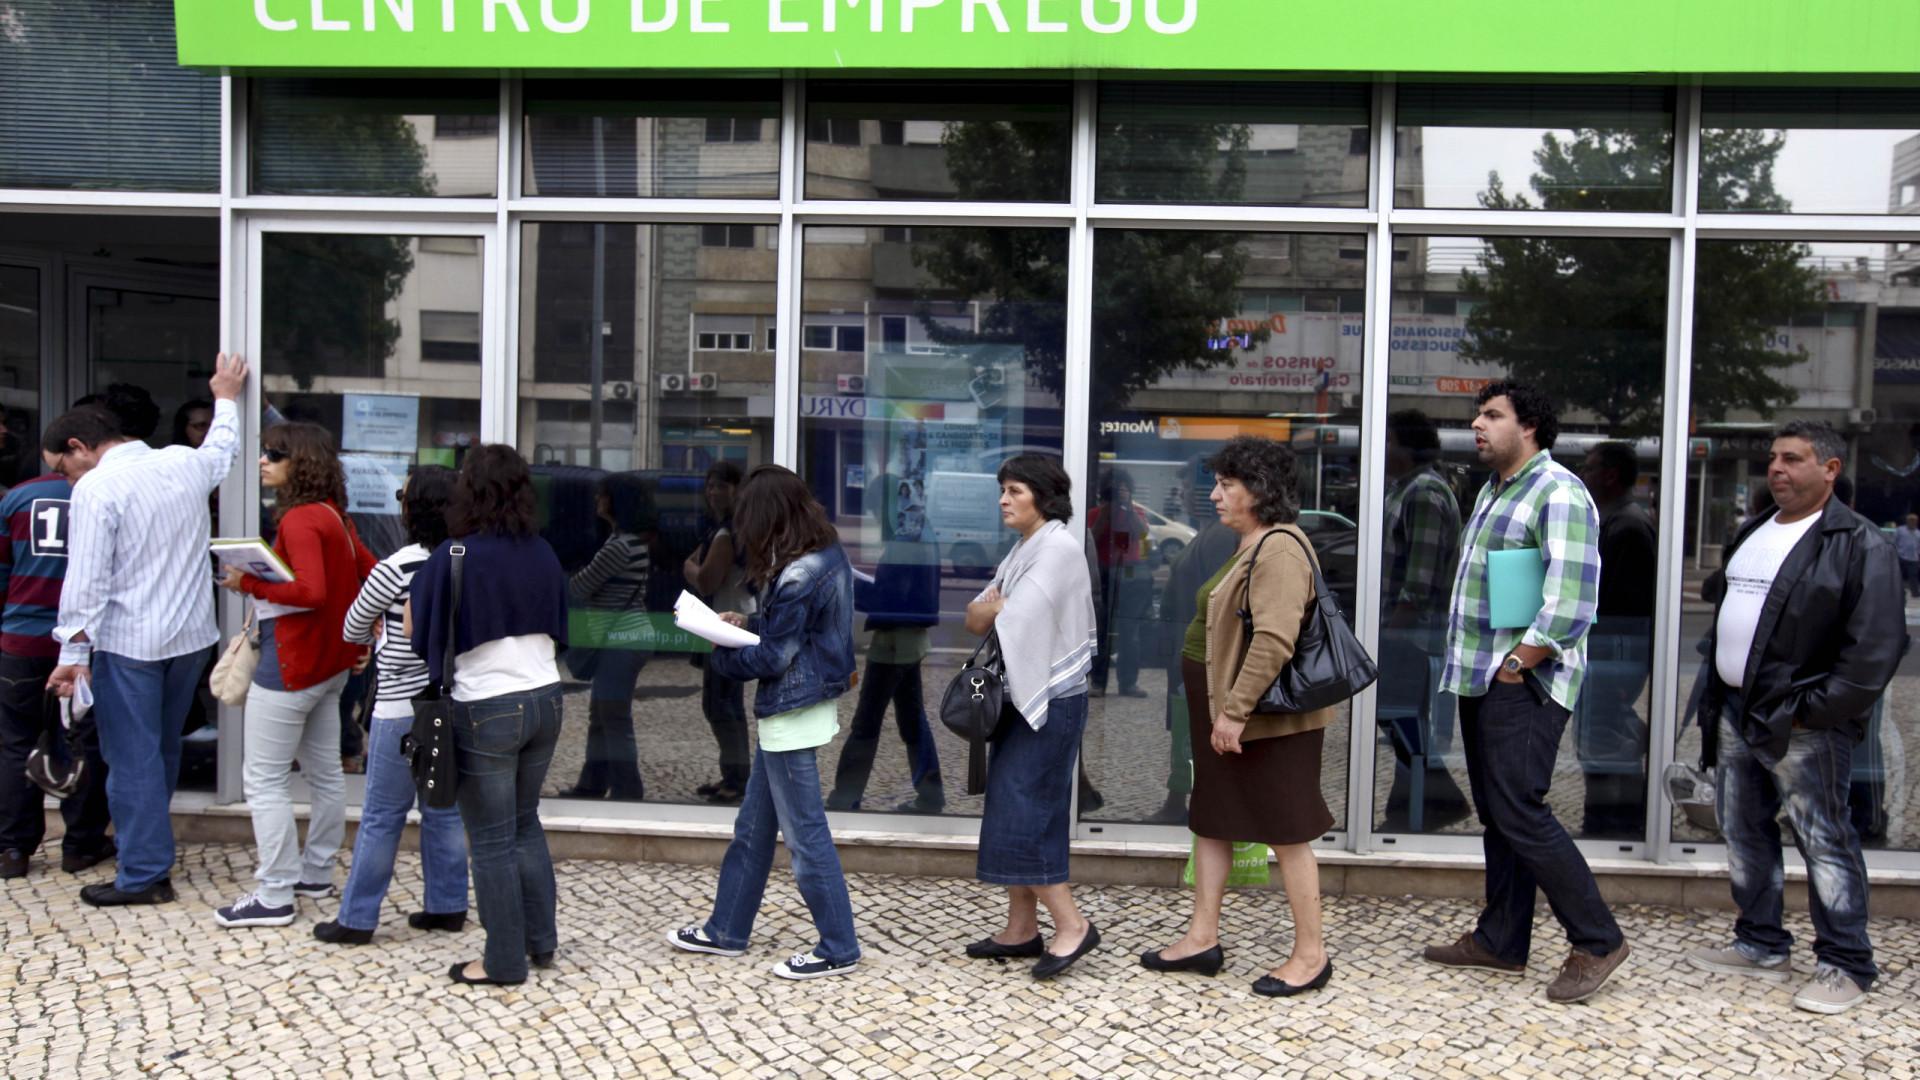 """Empresas vão pagar 50% da TSU se """"contratarem jovens e desempregados"""""""